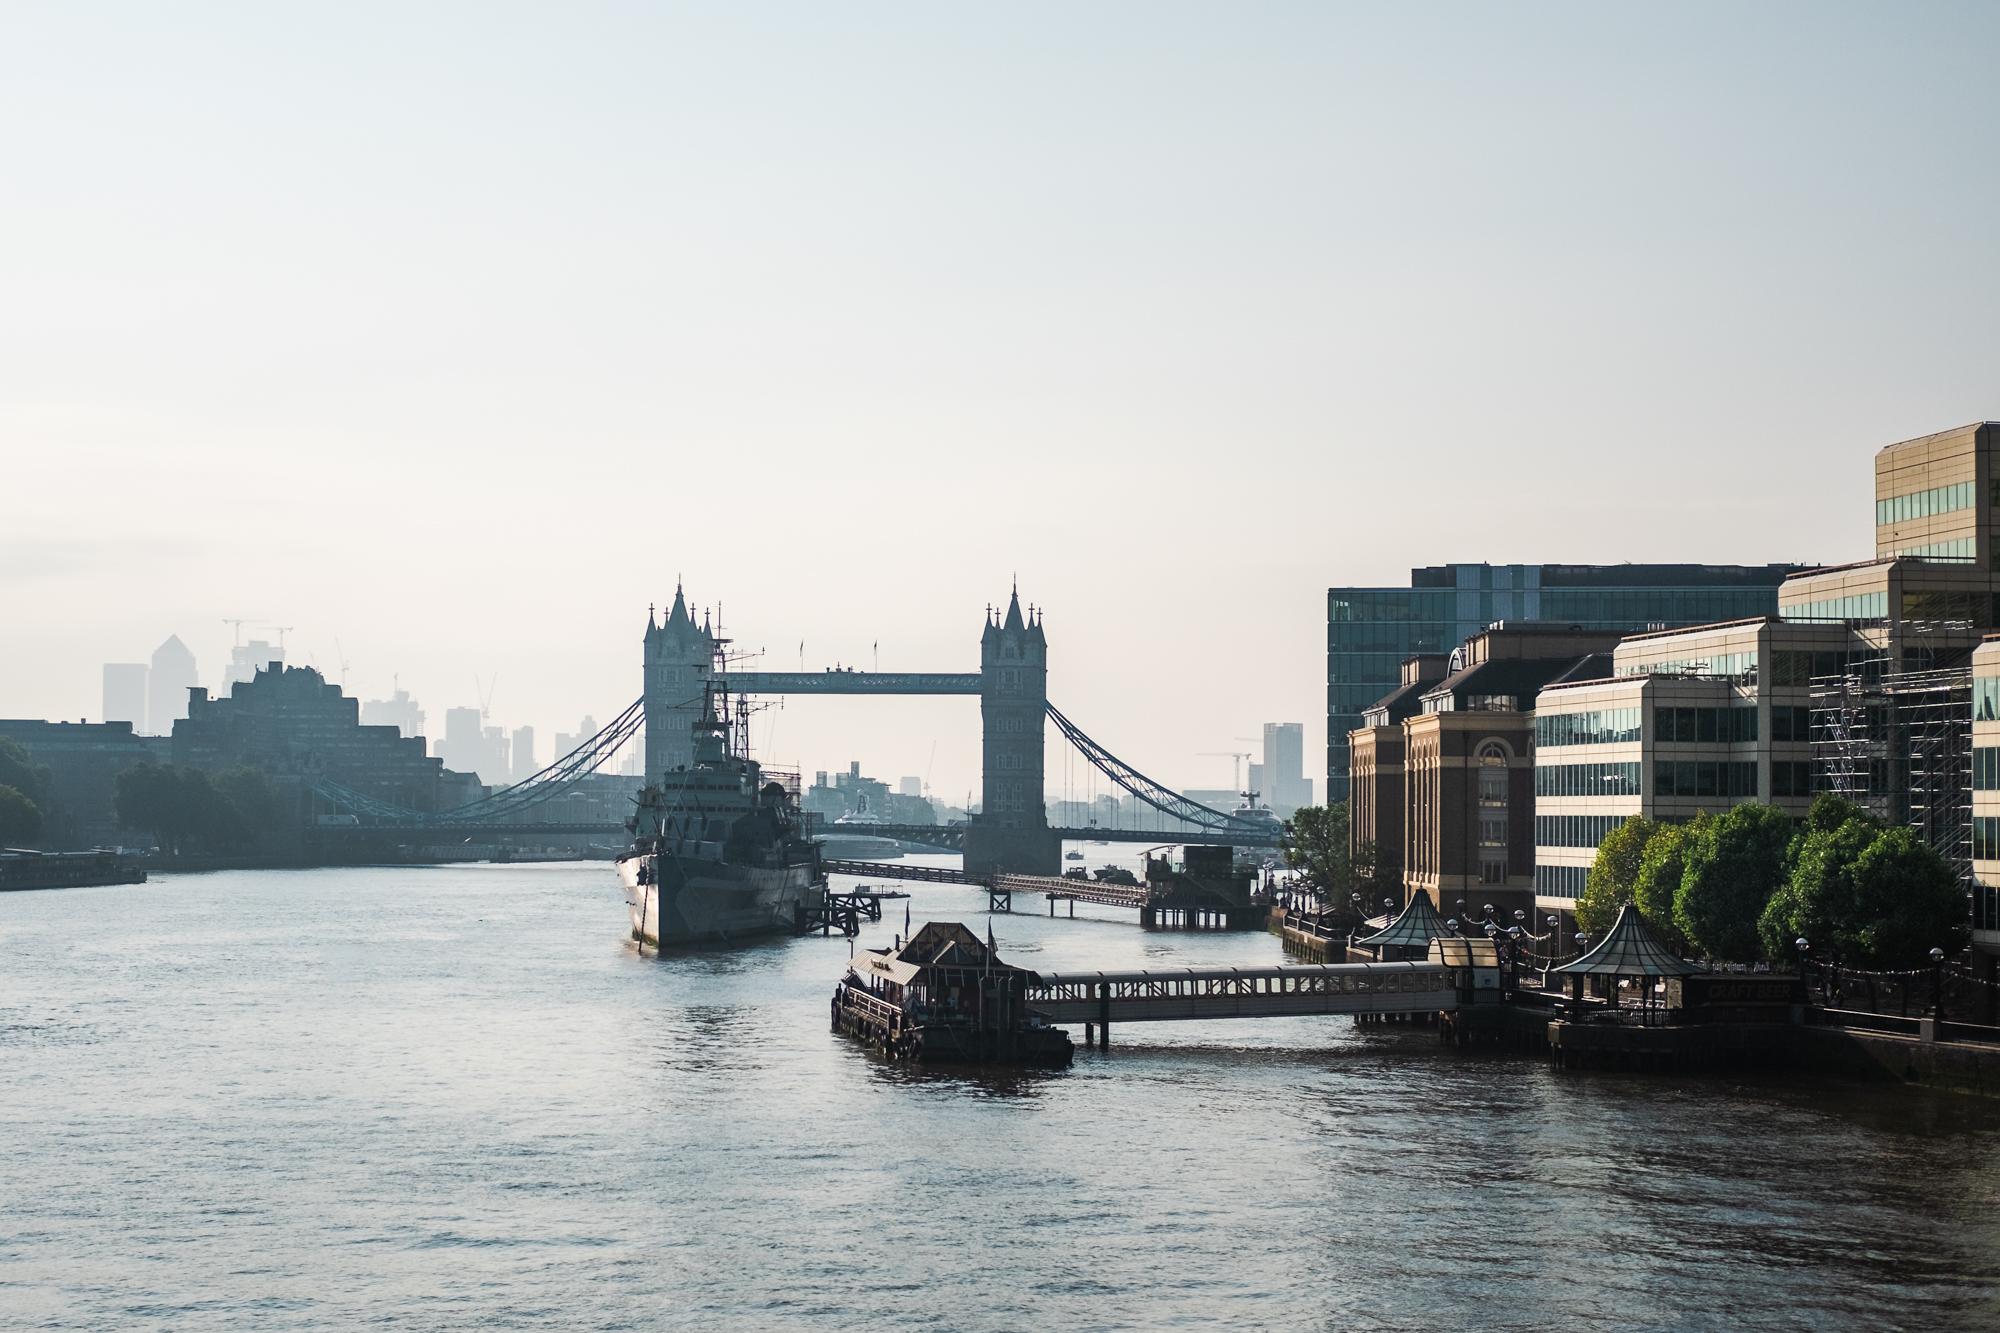 #1 Sunrise in London